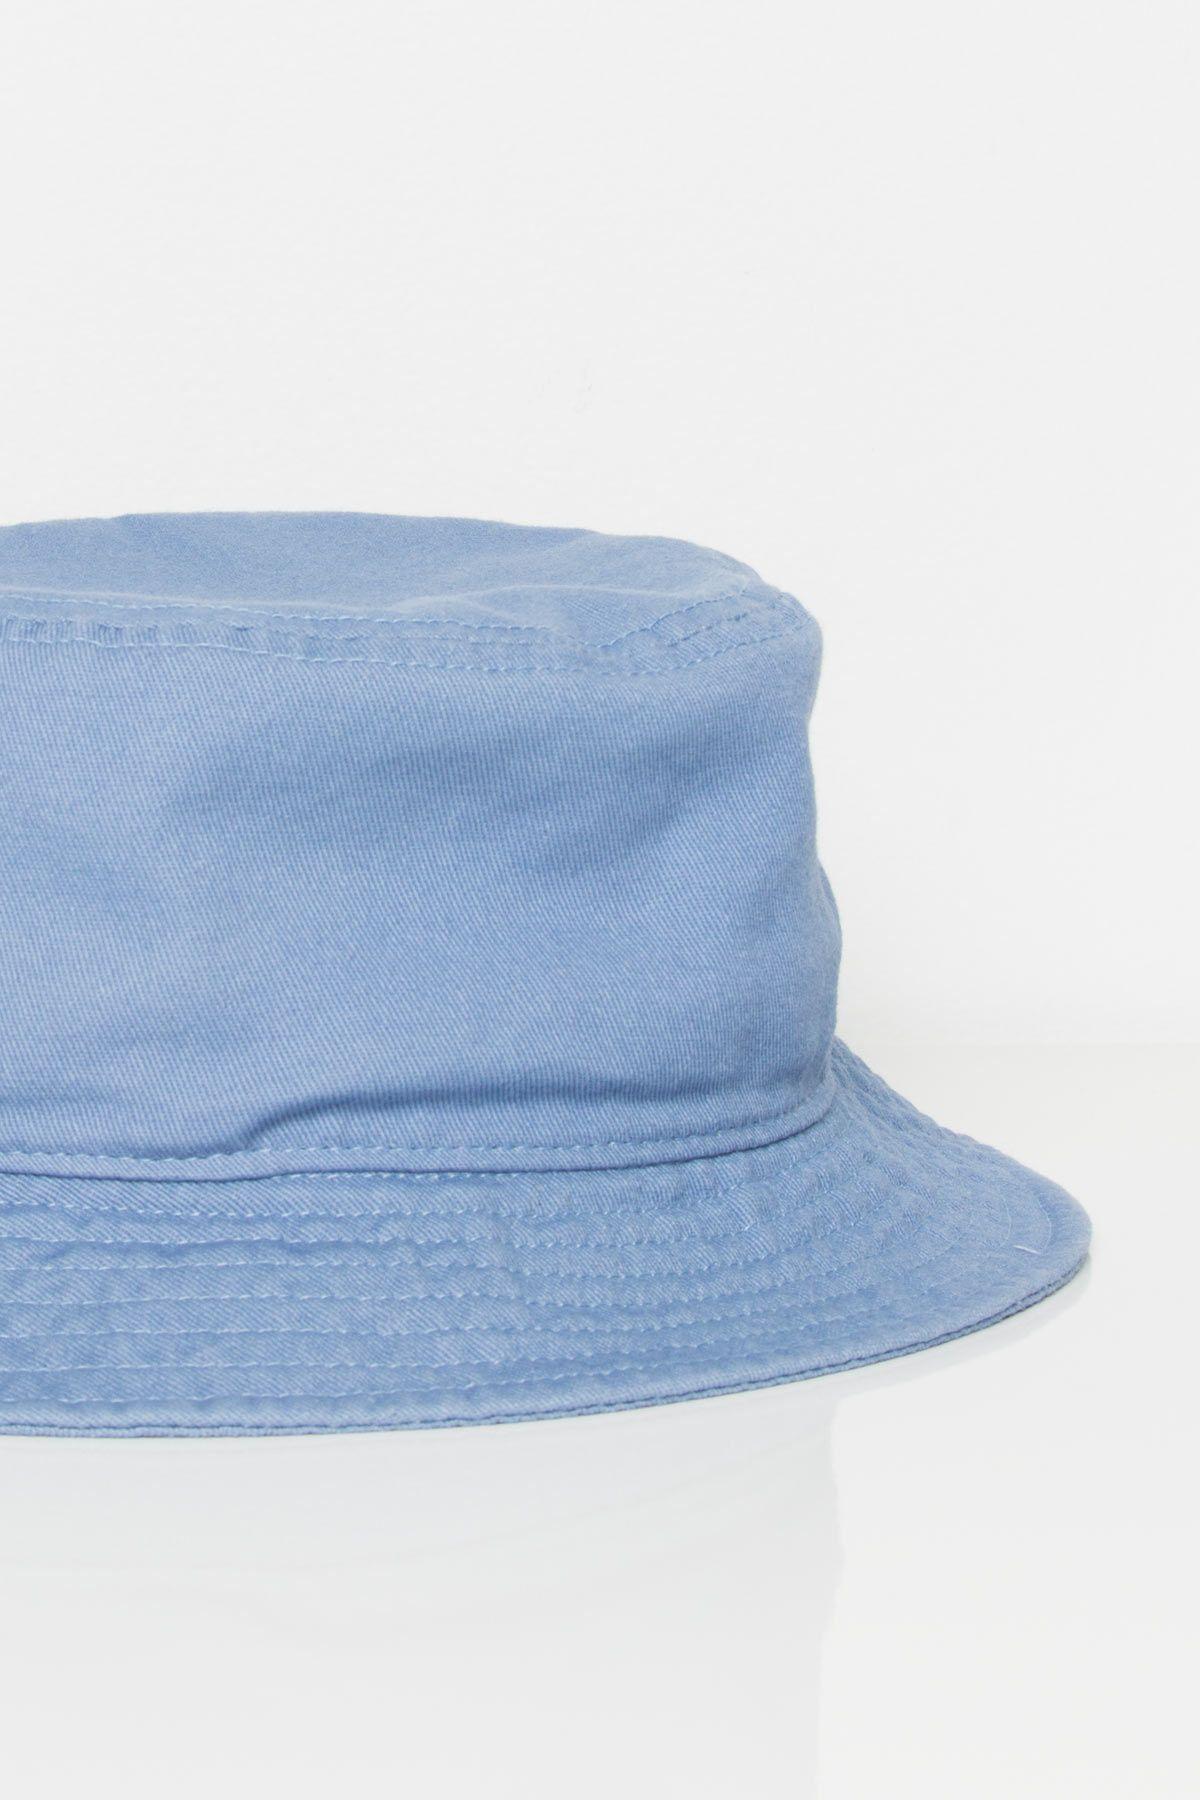 b71833cdde47f2 Dusty Blue Bucket Hat in 2019   loooks   Hats, Bucket hat, Dusty blue